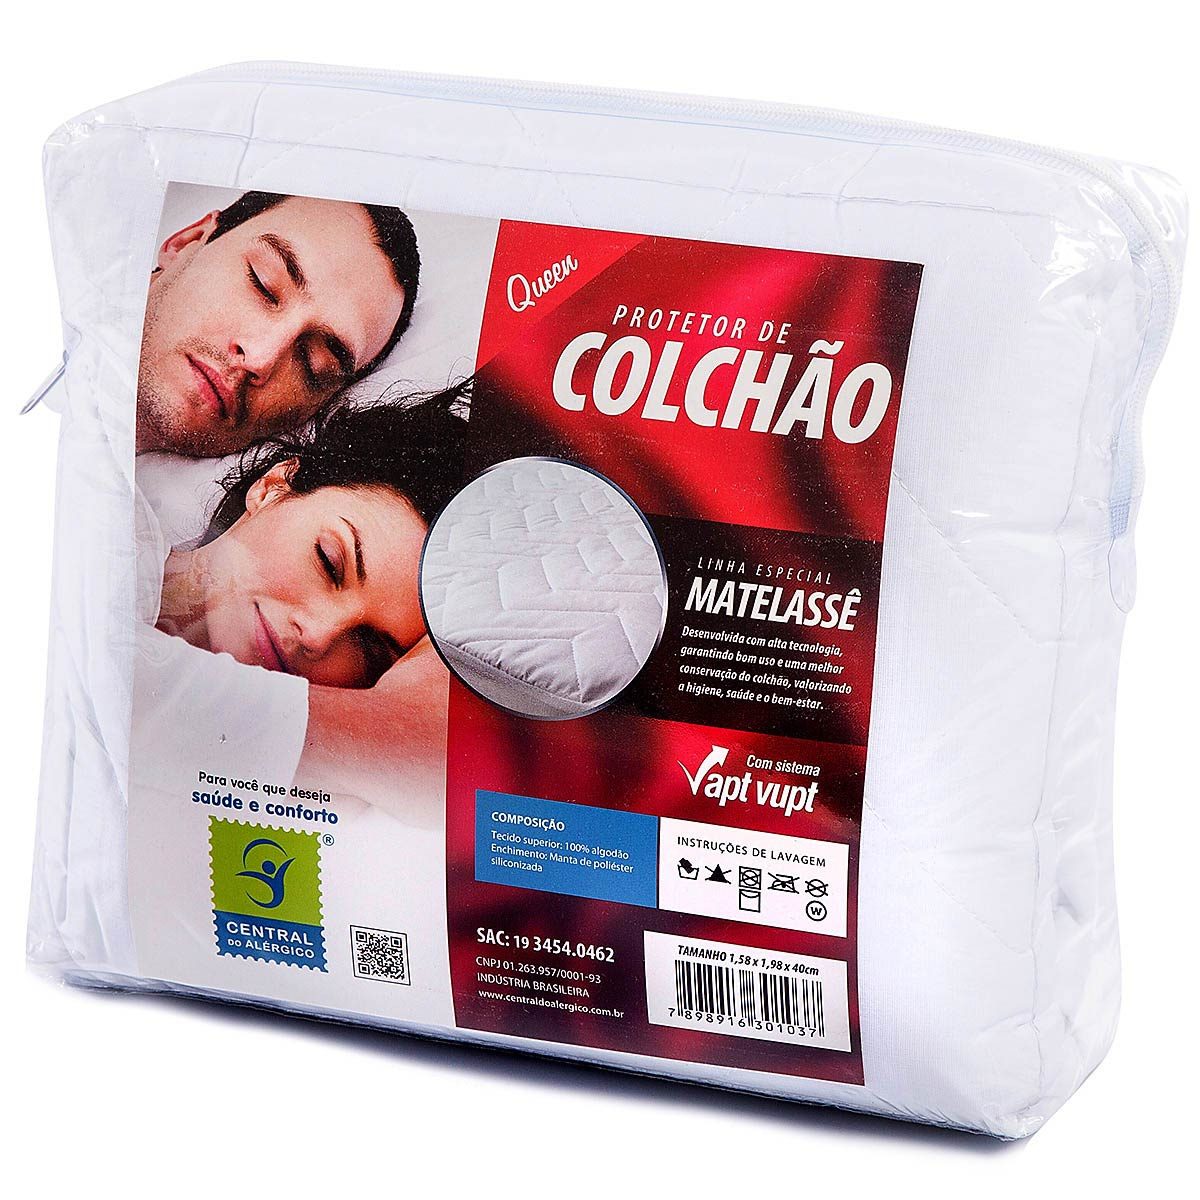 Protetor de Matelassê Permeável de Colchão Queen 100% ALGODÃO VAPT VUPT (Elástico)